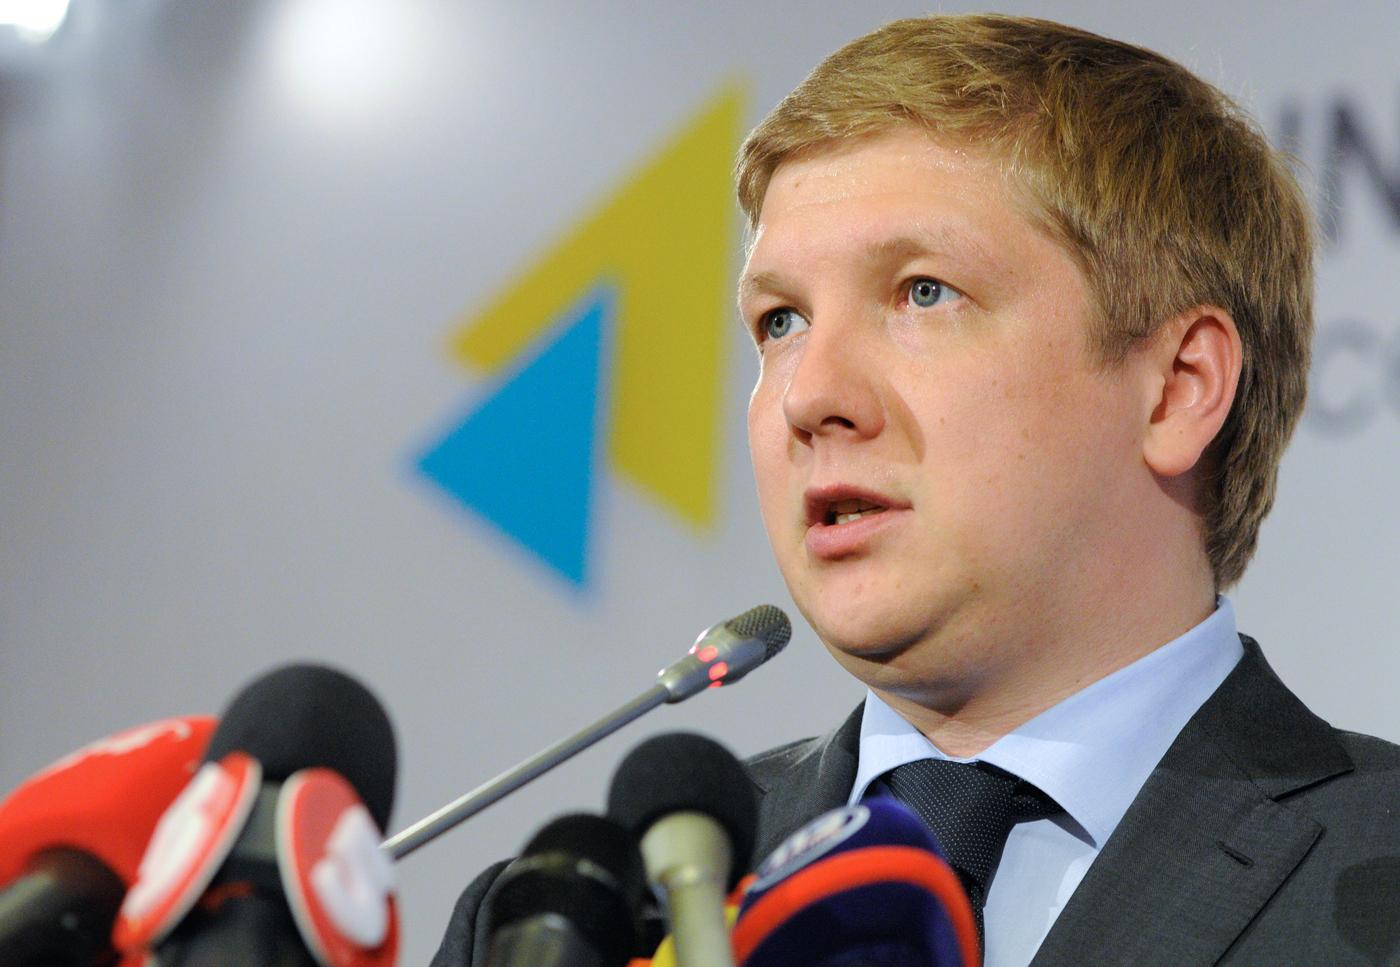 ГТС Украины оценили в $14 миллиардов, - Коболев